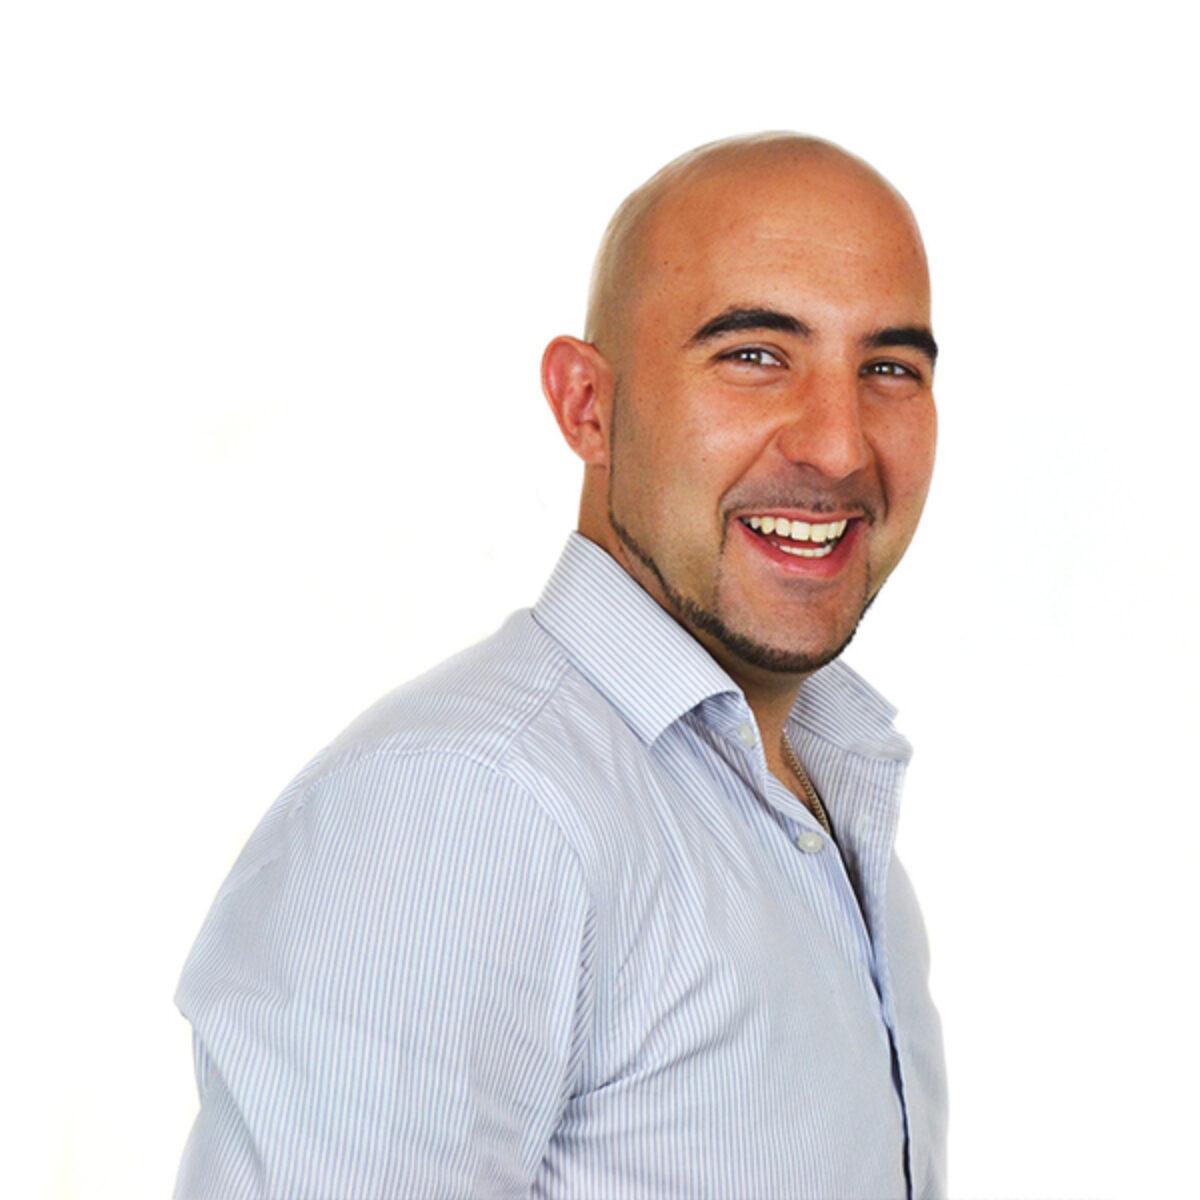 Mario Antunes profile